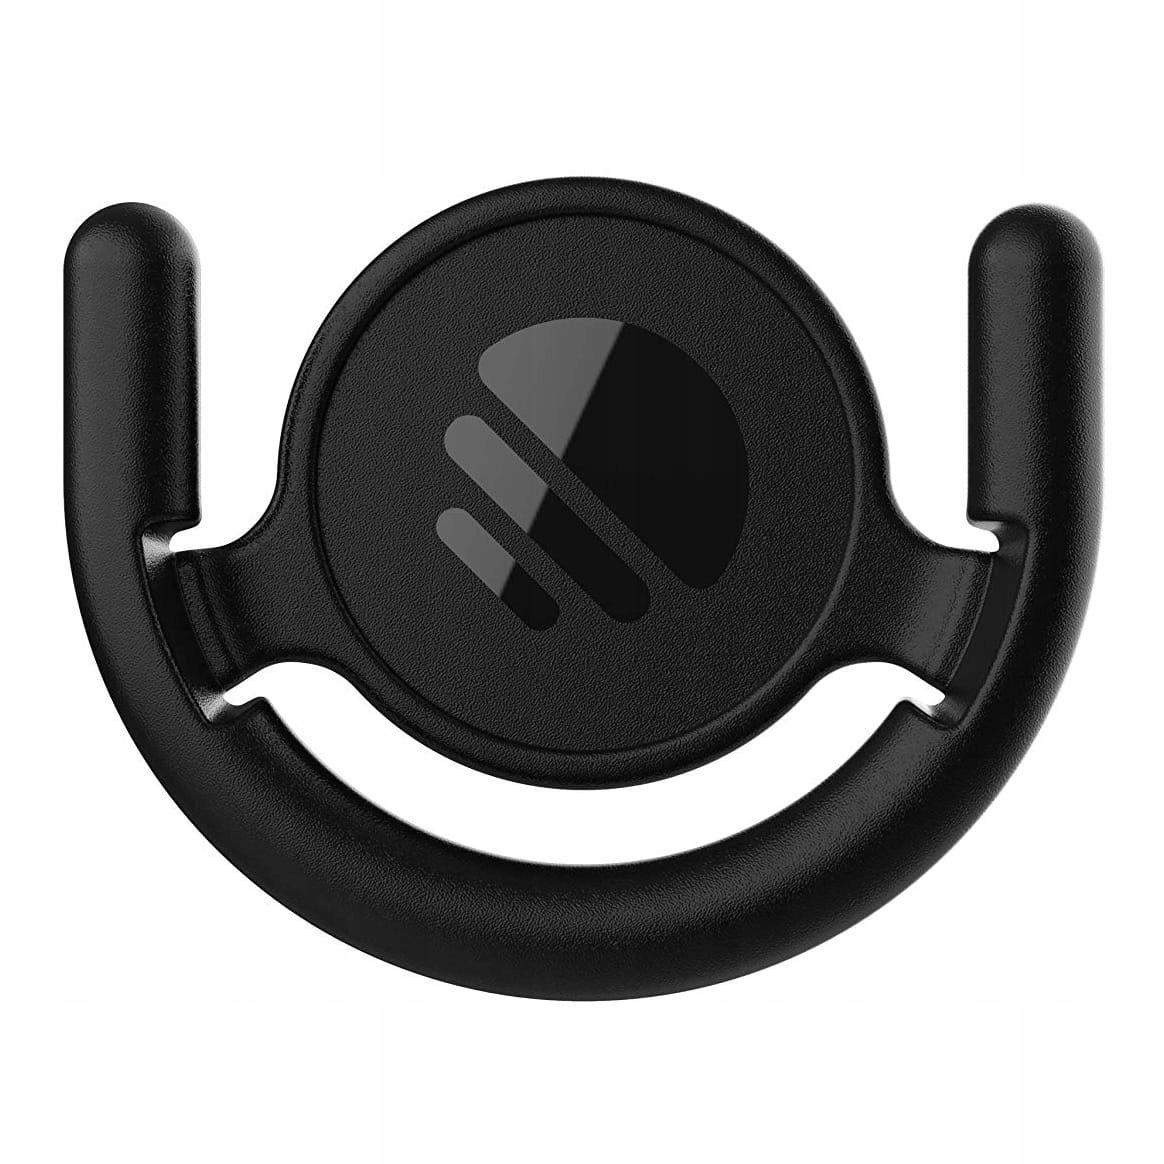 Uchwyt PopSockets na telefon + uchwyt do samochodu